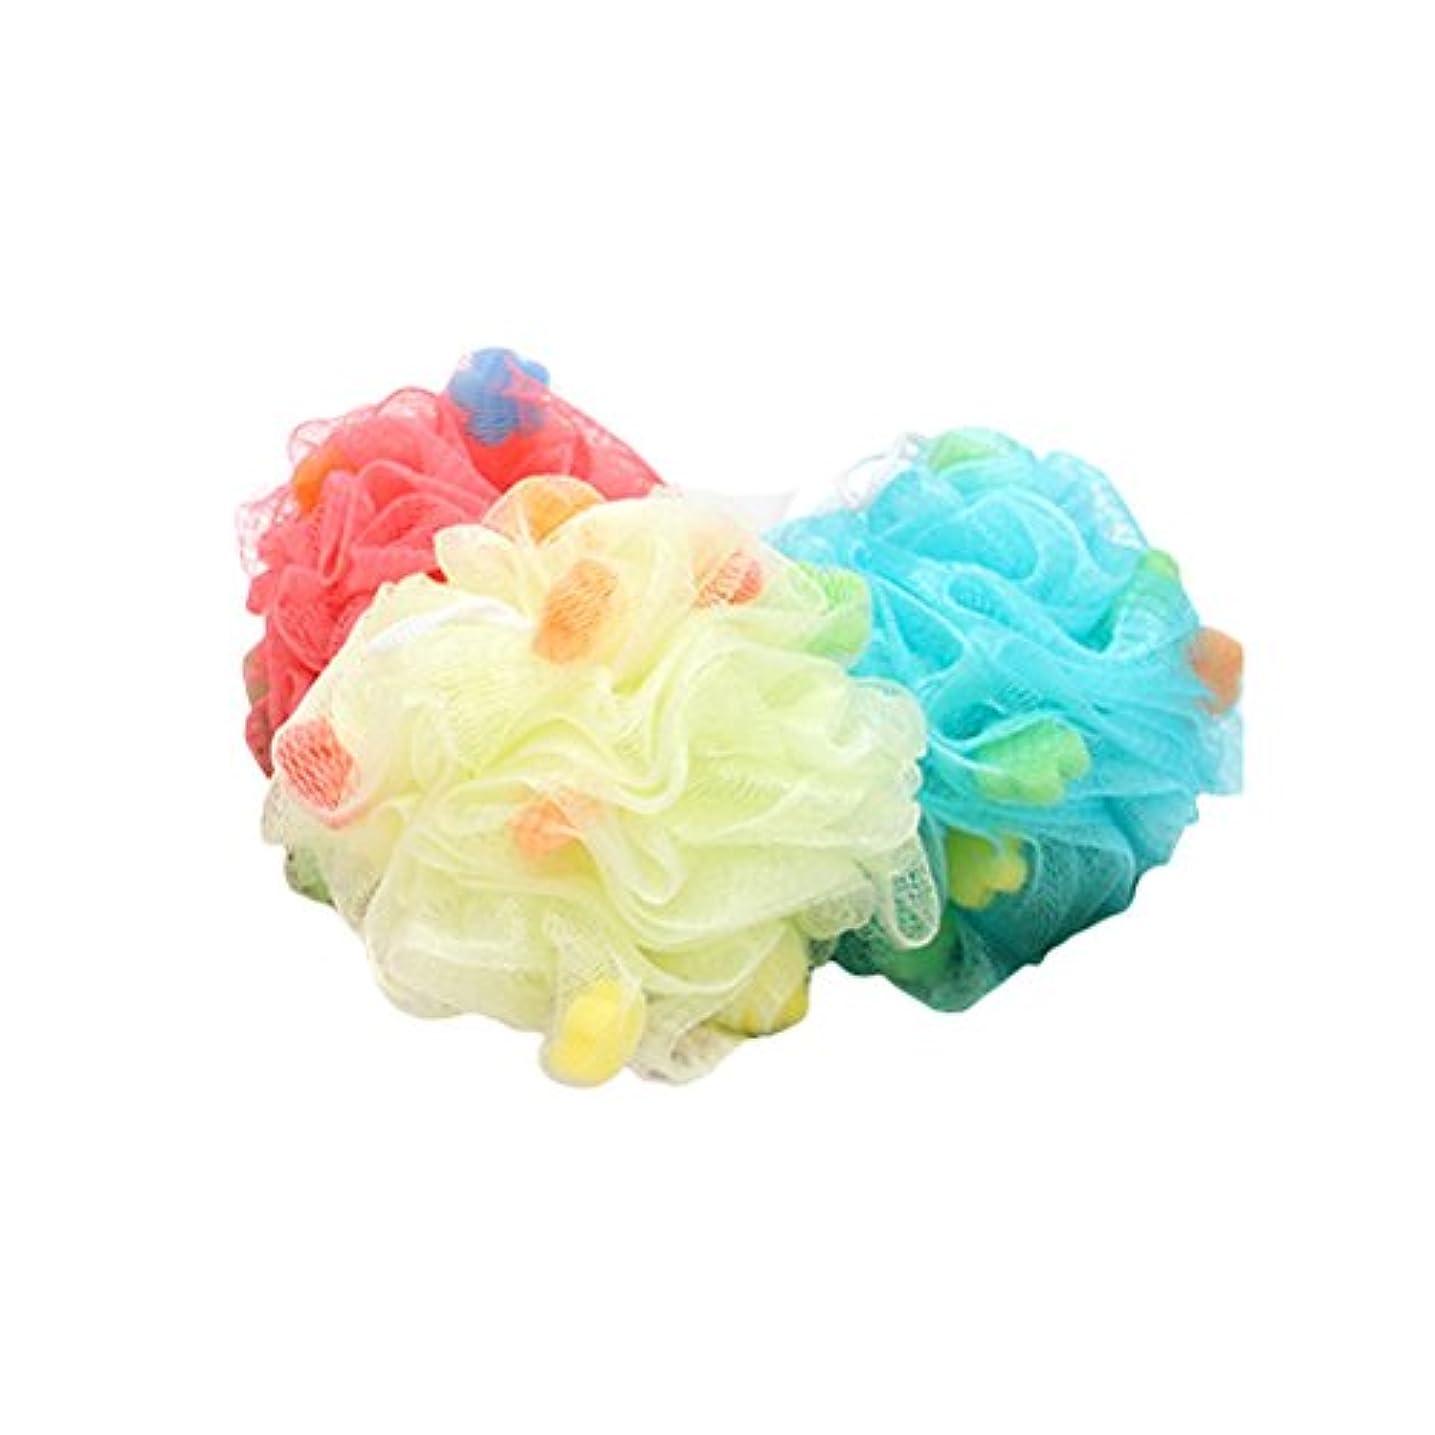 豪華なハッピー周囲Healifty ボディースポンジ 泡立てネット フラワーボール シャワー用 バス用品 背中も洗える メッシュ ボディ洗い 泡肌美人(ランダム色)3個